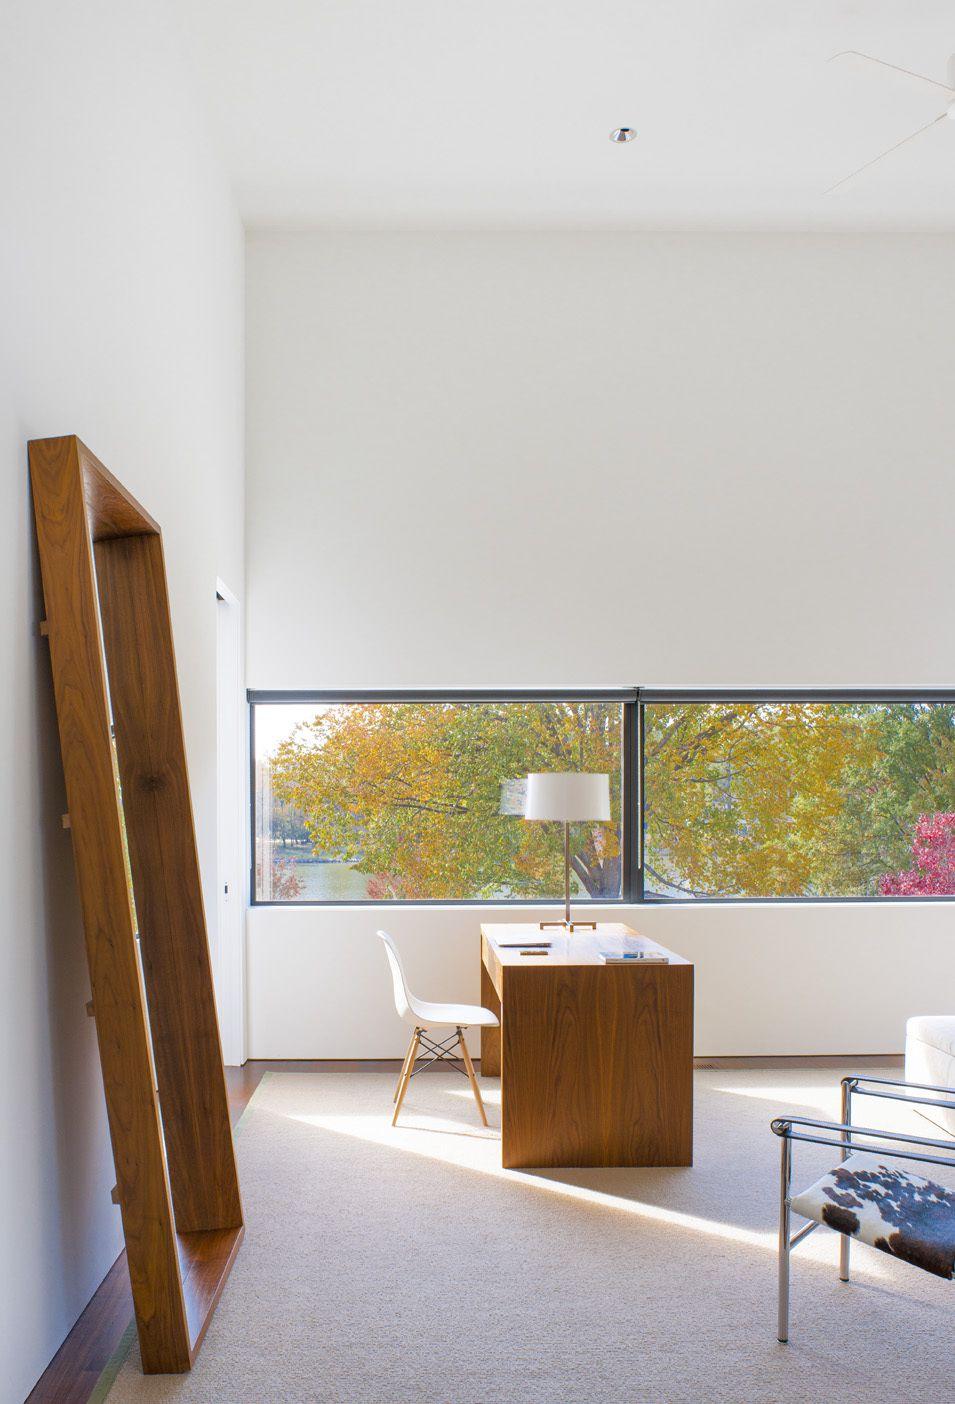 tred-avon-river-house-robert-m-gurney-architect_mackenzie-gurney-guttmanresidence-25